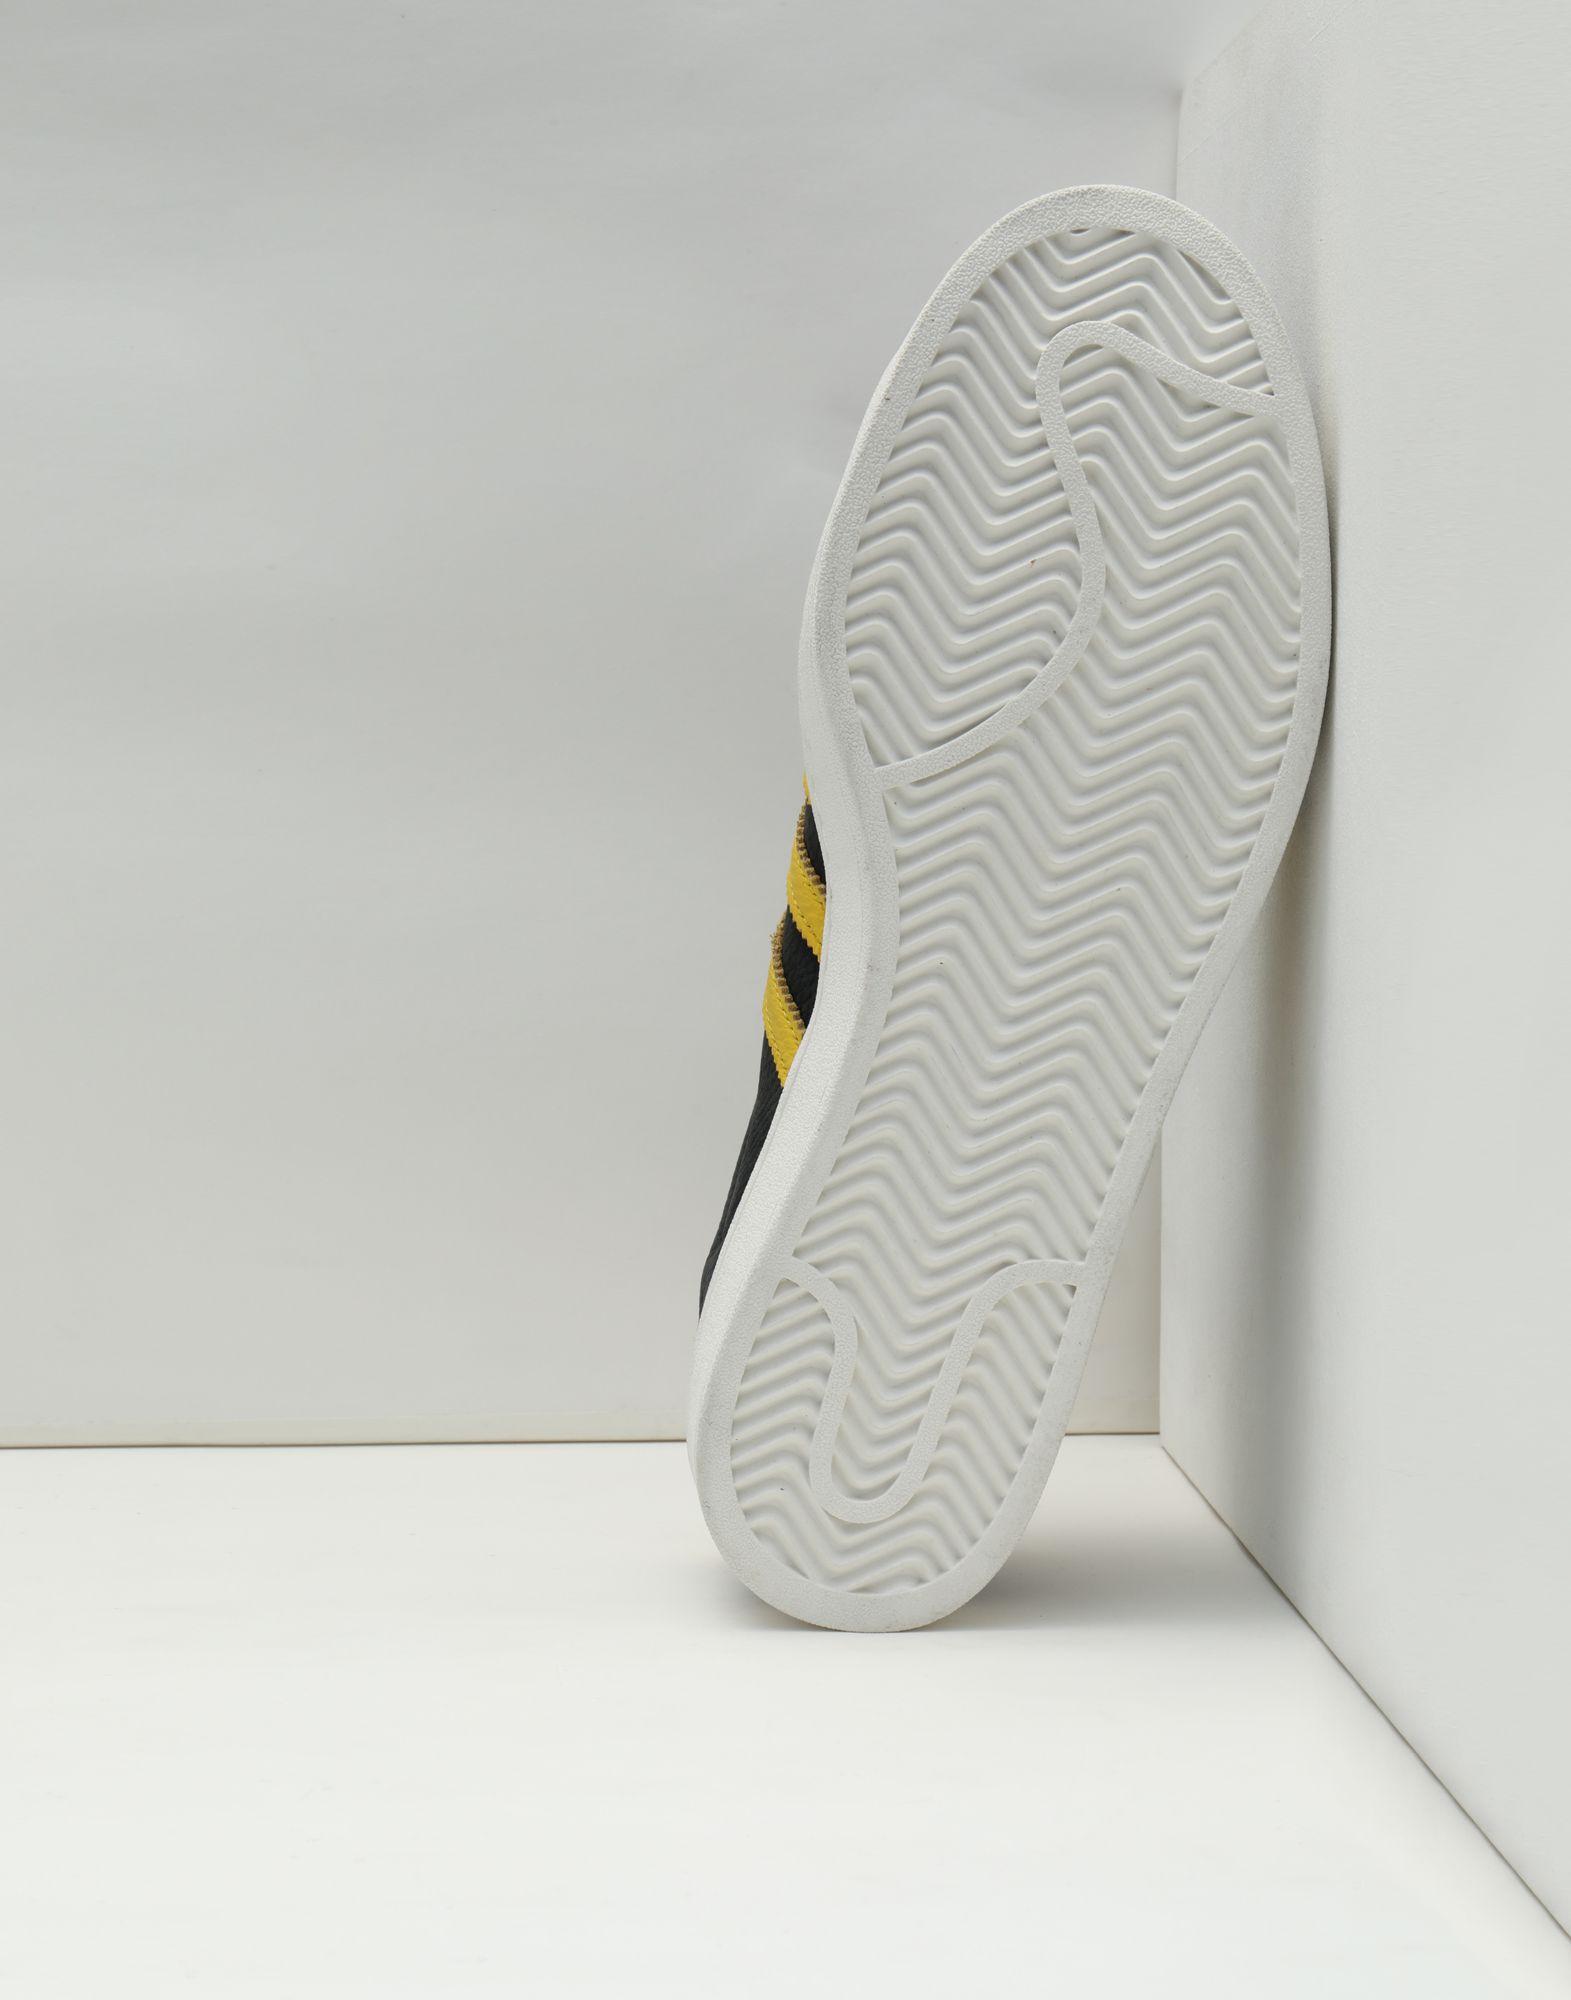 Adidas Originals Campus Gutes sich Preis-Leistungs-Verhältnis, es lohnt sich Gutes 772cfe